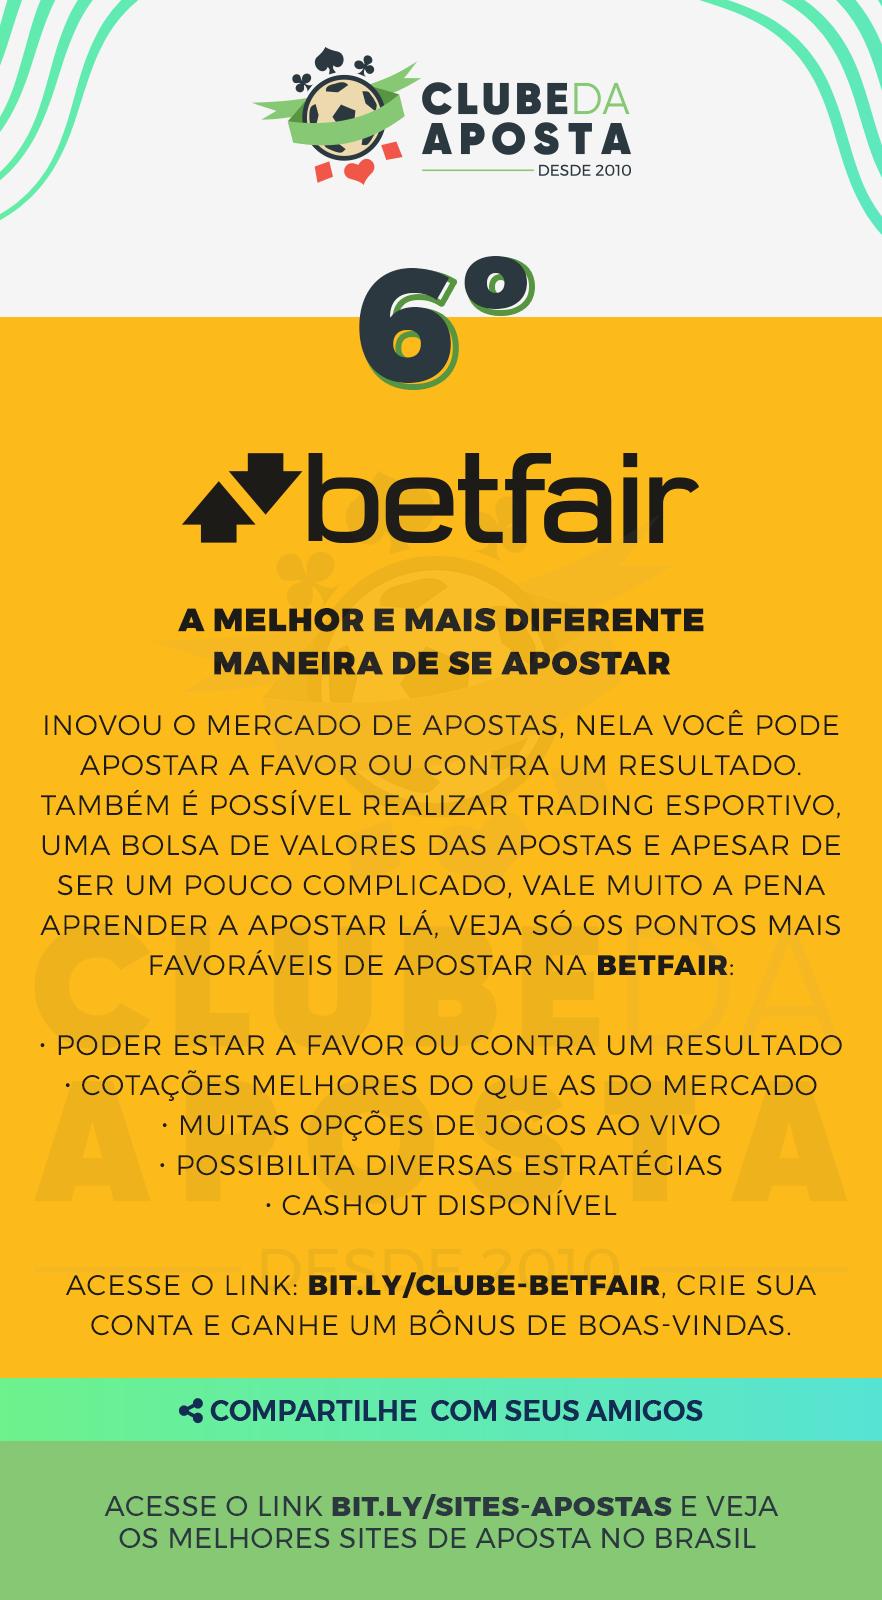 494f8aae7 Melhores sites para apostar no Brasil